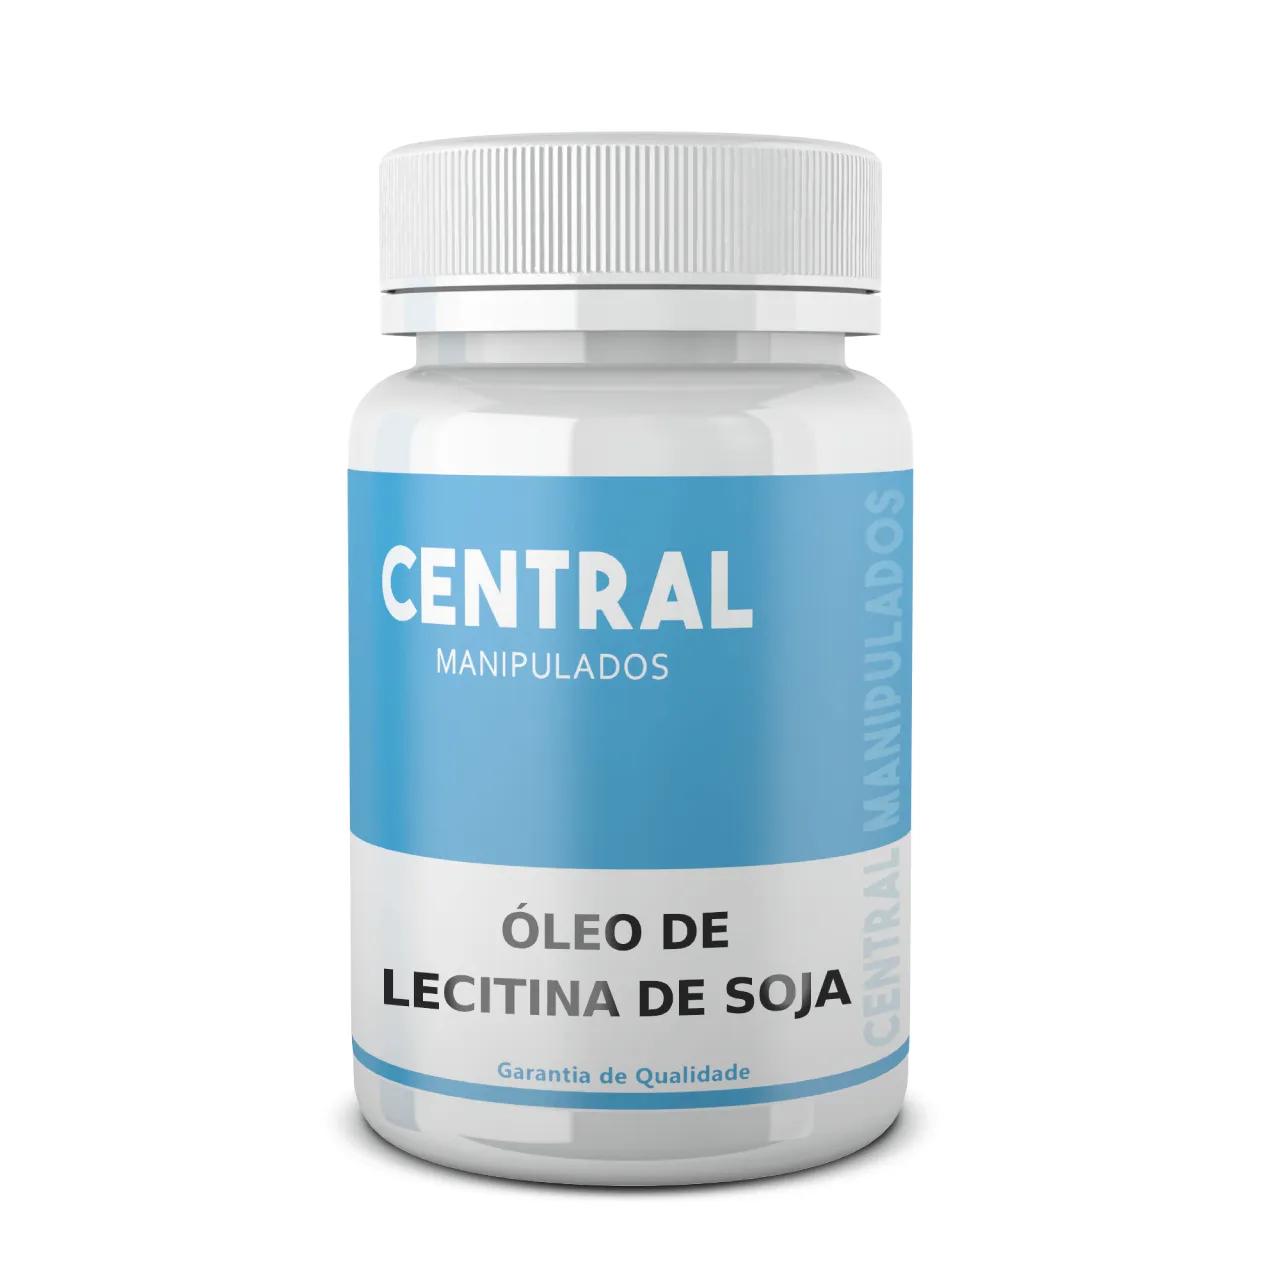 Óleo de Lecitina de Soja 500mg - 60 cápsulas - Purificar os Rins e o Fígado, Mais Energia e Aumenta o Poder Cerebral, Redução no Peso